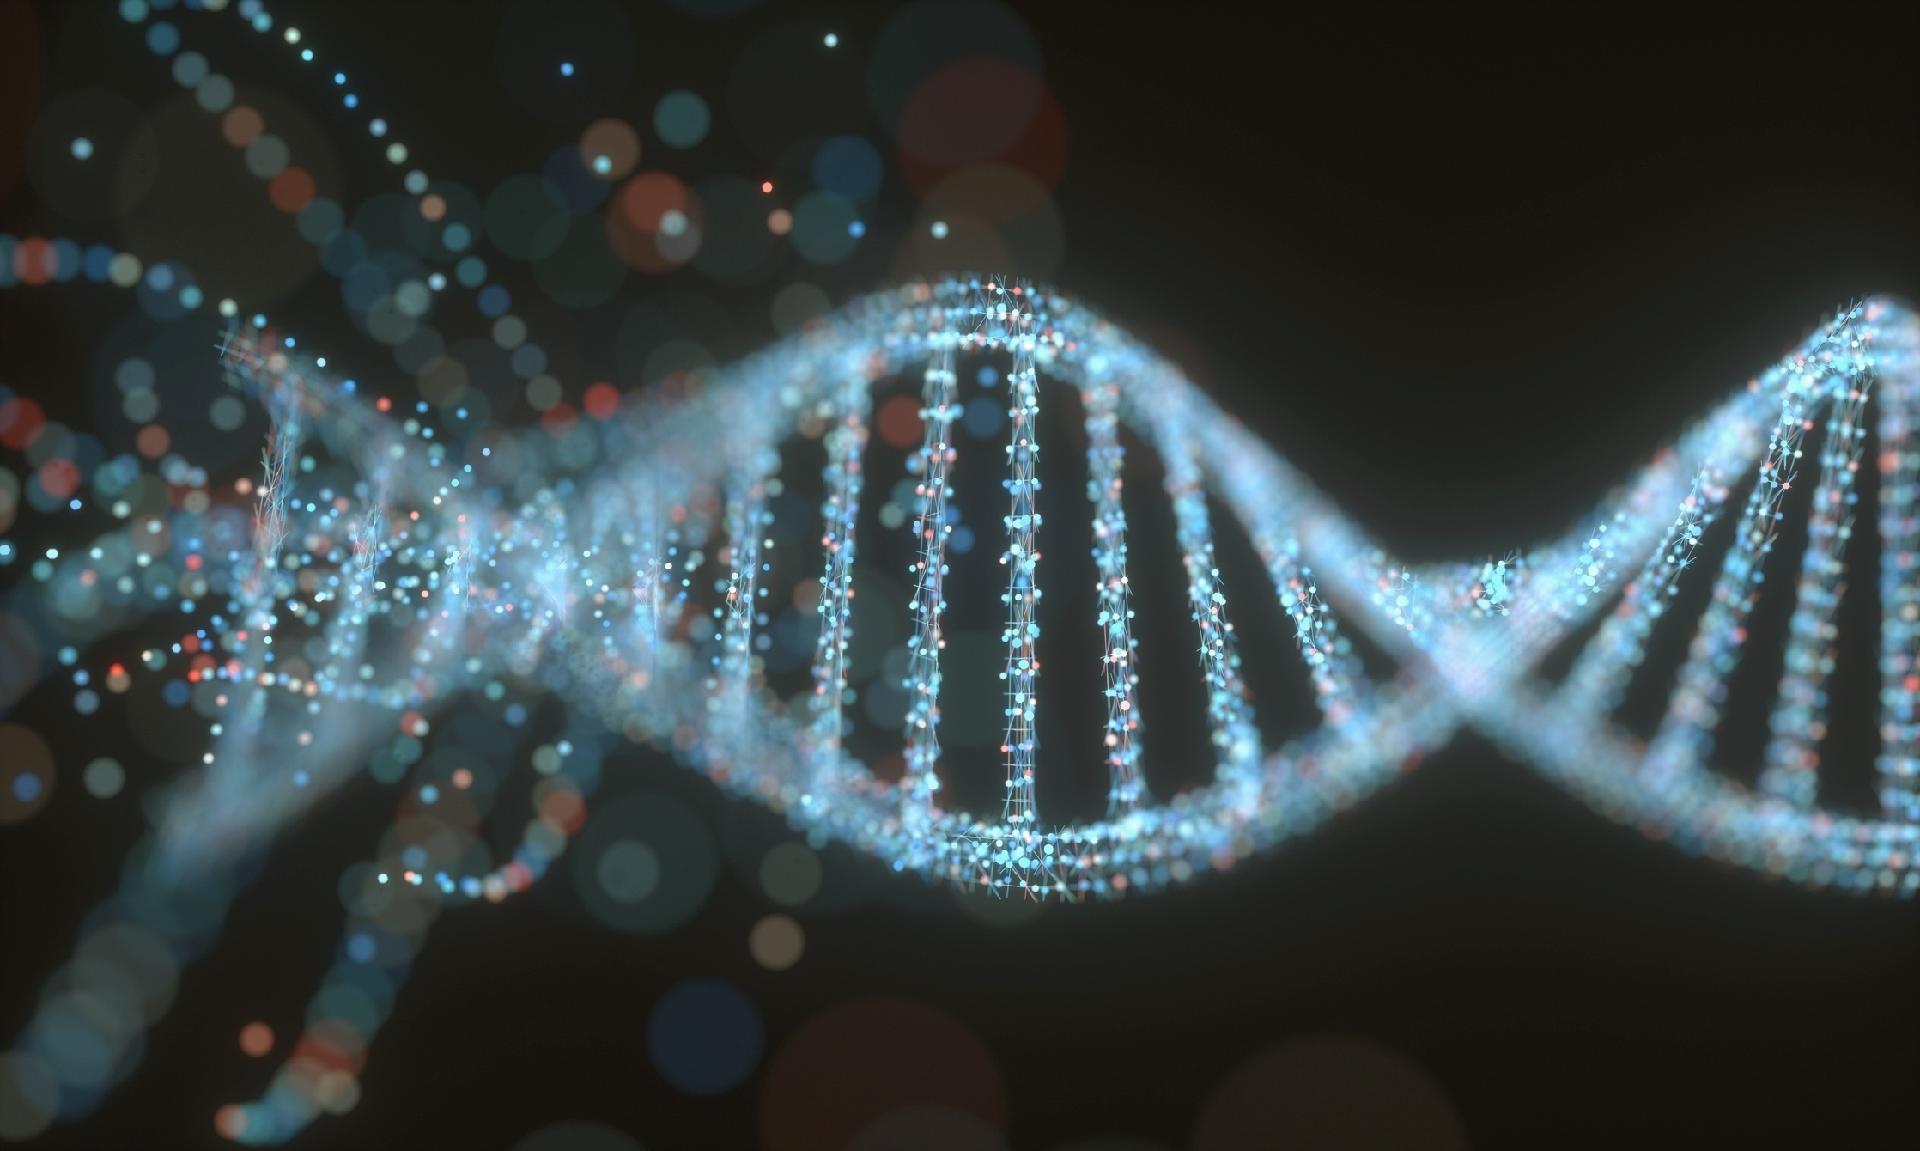 Estudo sobre gene pode melhorar a vida de pessoas com deficiência